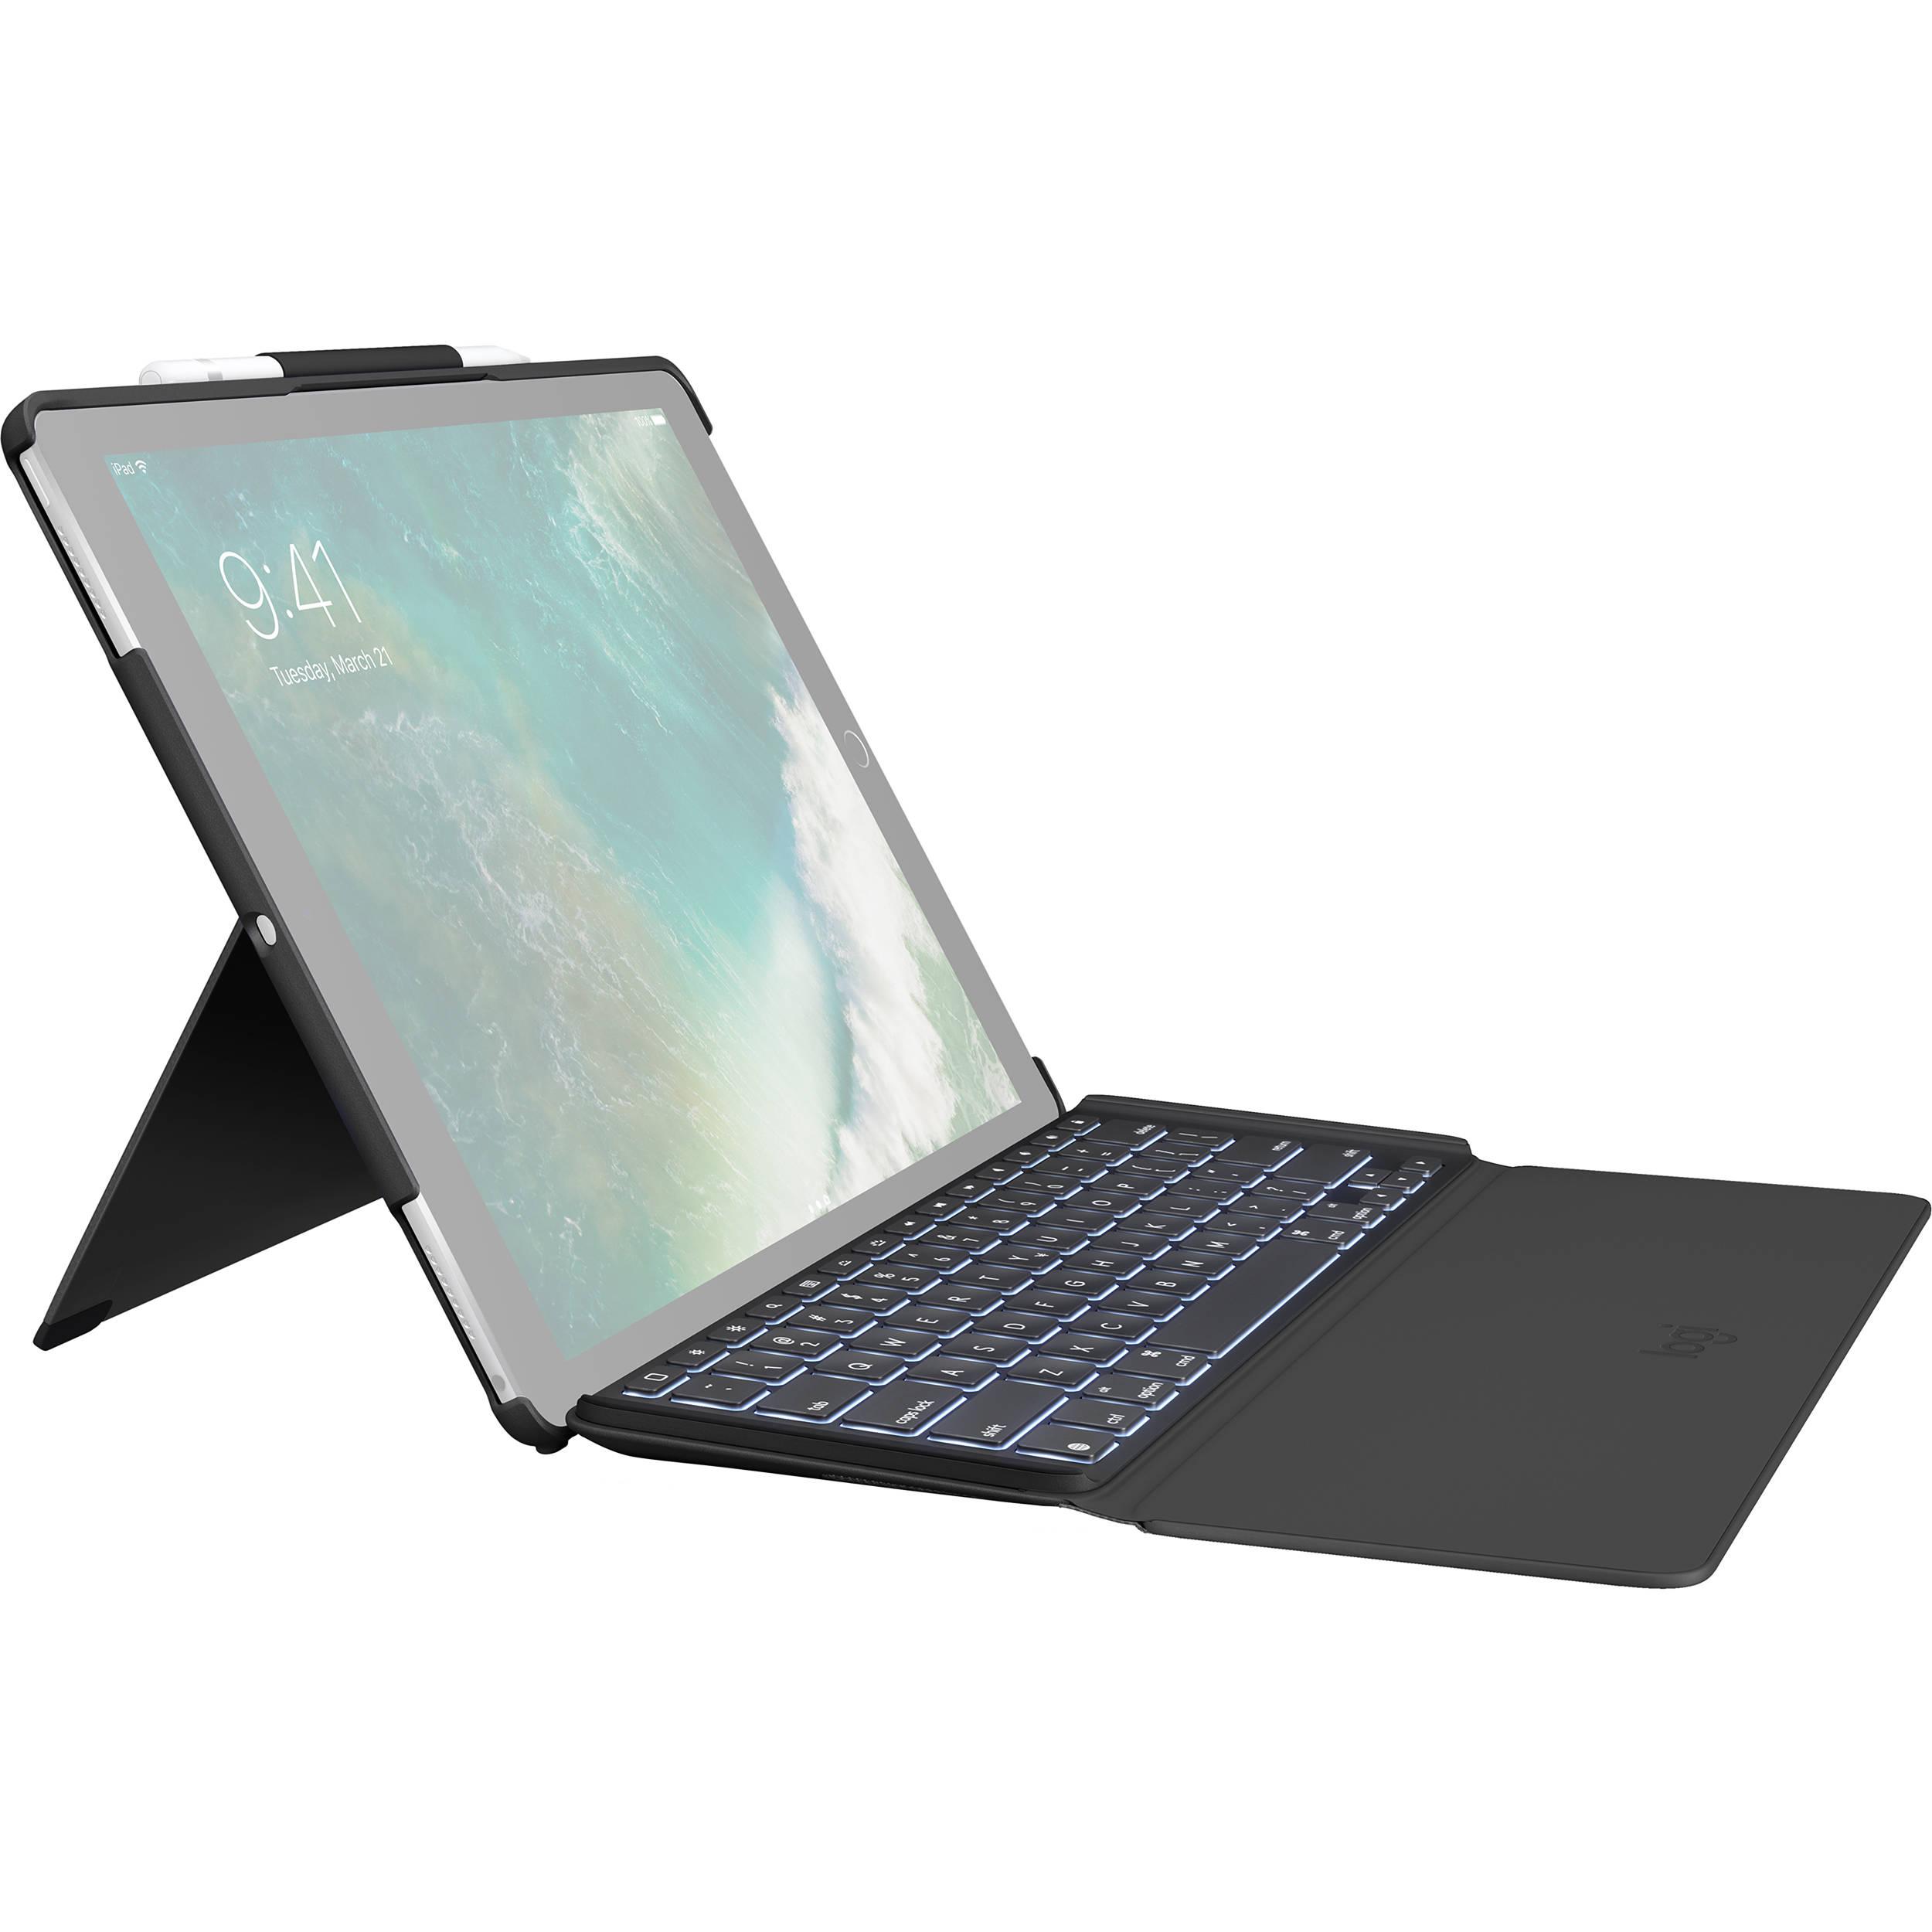 Logitech SLIM COMBO Keyboard Case for 2nd-Gen Apple iPad Pro 12.9